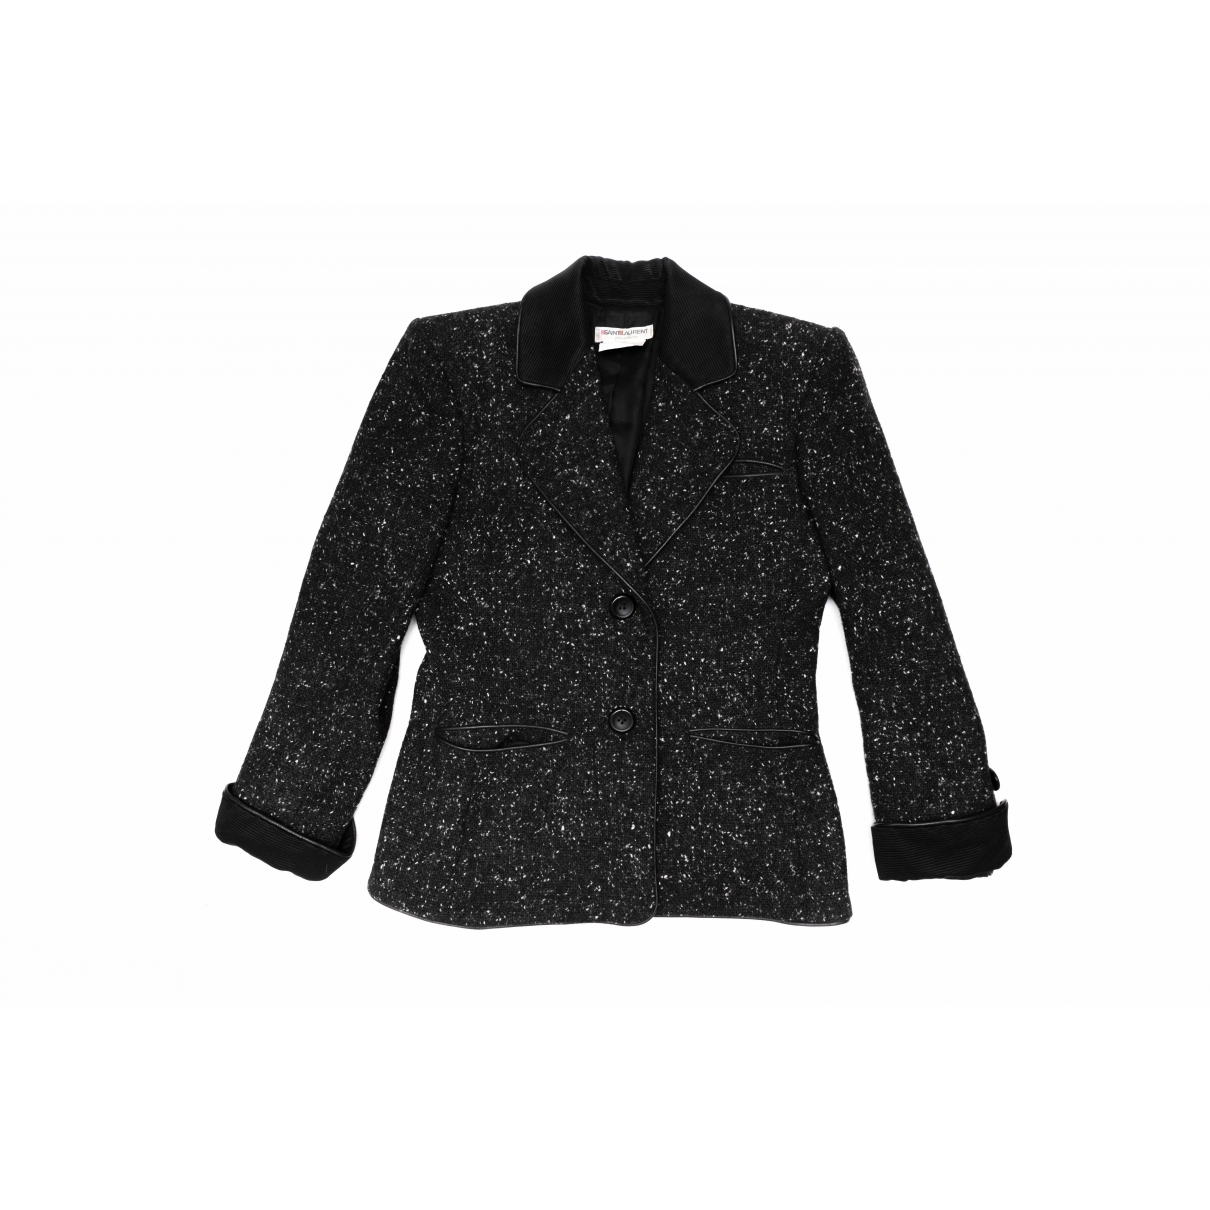 Yves Saint Laurent - Veste   pour femme en laine - noir